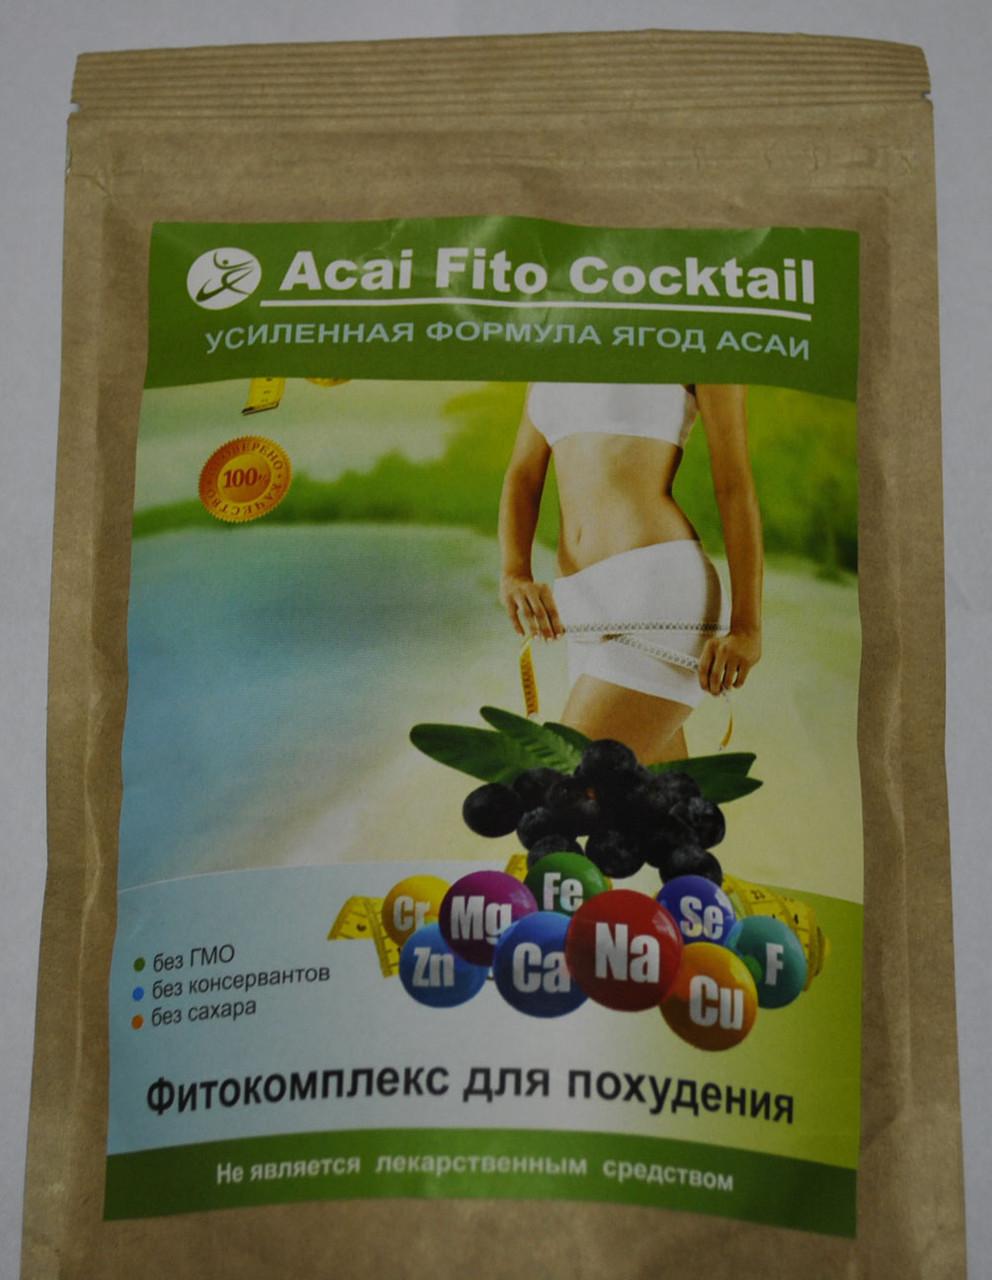 Acai Fito Cocktail - Ягоды Асаи для похудения (Асаи Фито Коктейль),Витаминный коктейль,Усиленная формула